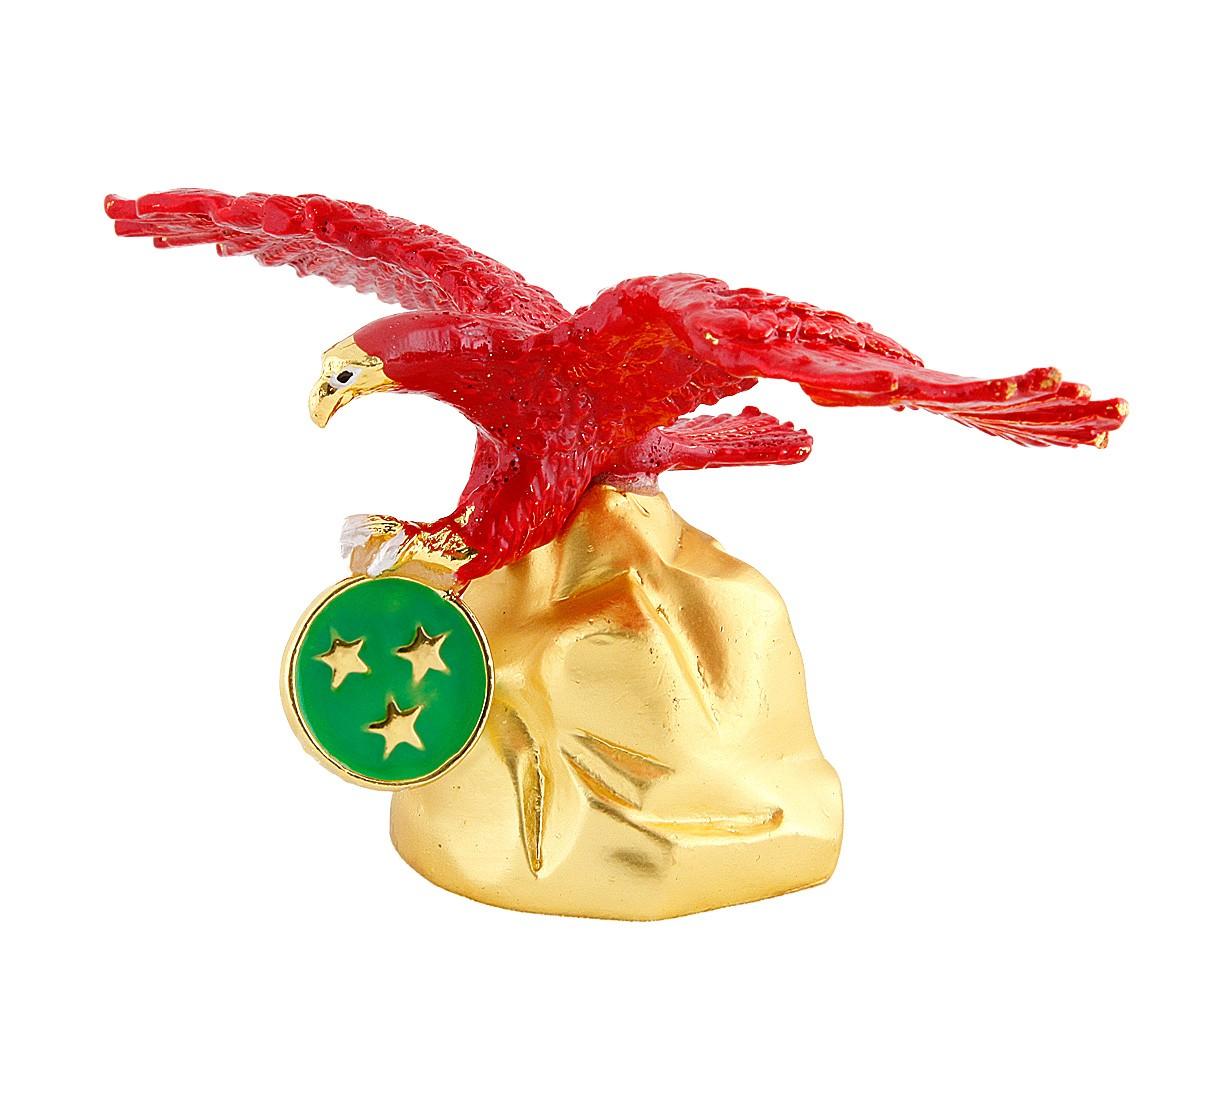 Vultur Rosu - Impotriva Stelei 3 a Certurilor